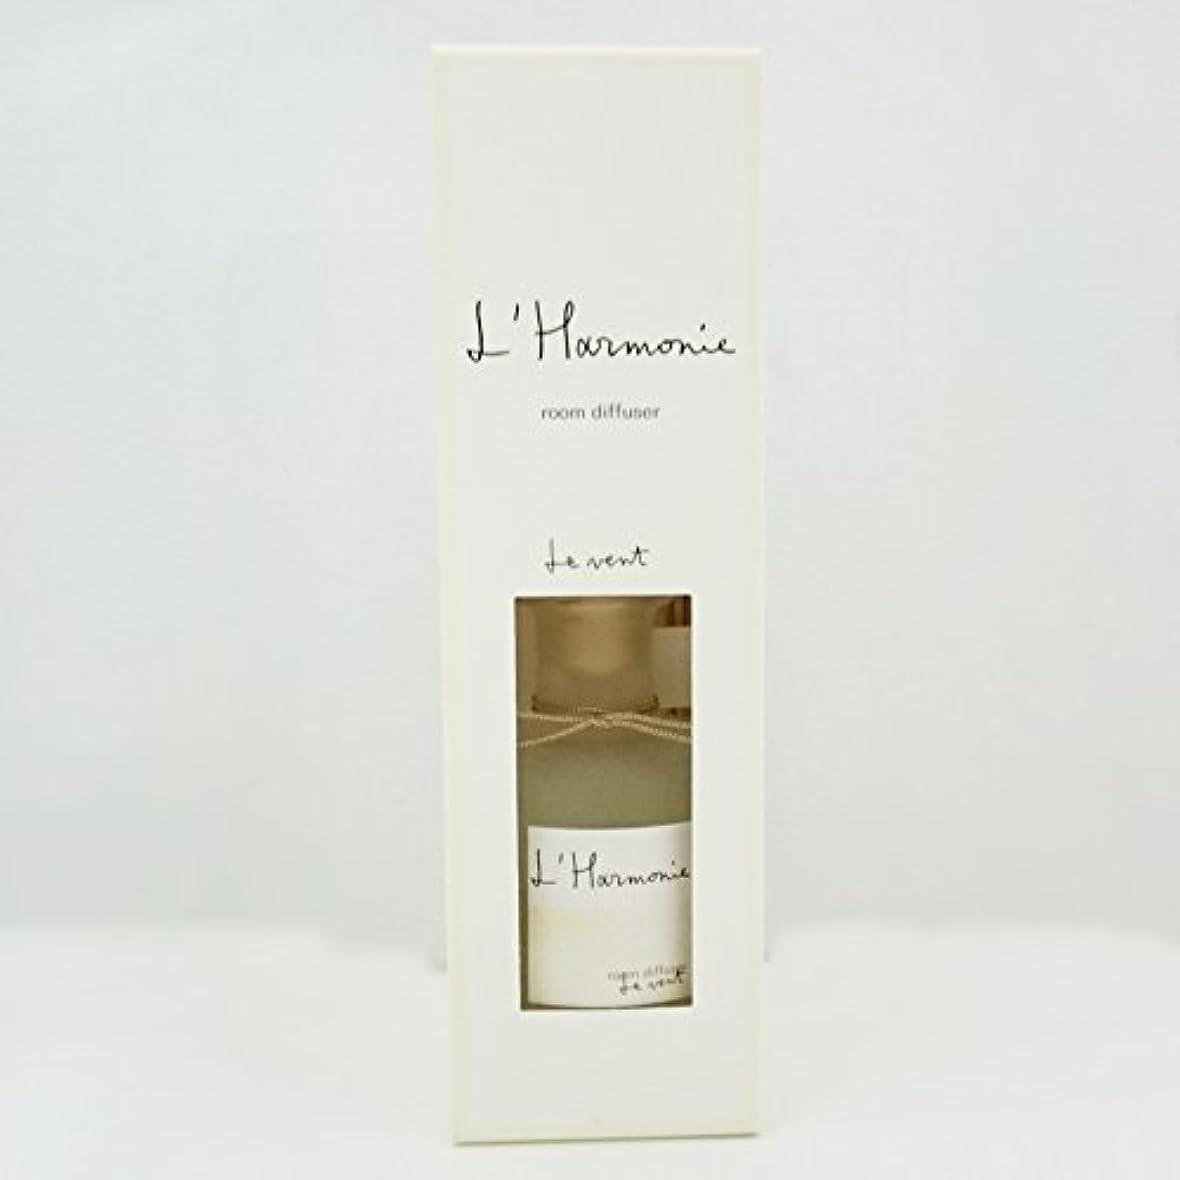 Lothantique(ロタンティック) L' Harmonie(アルモニ) ルームディフューザー 200ml 「Le vent(ヴァン)」 4994228024640